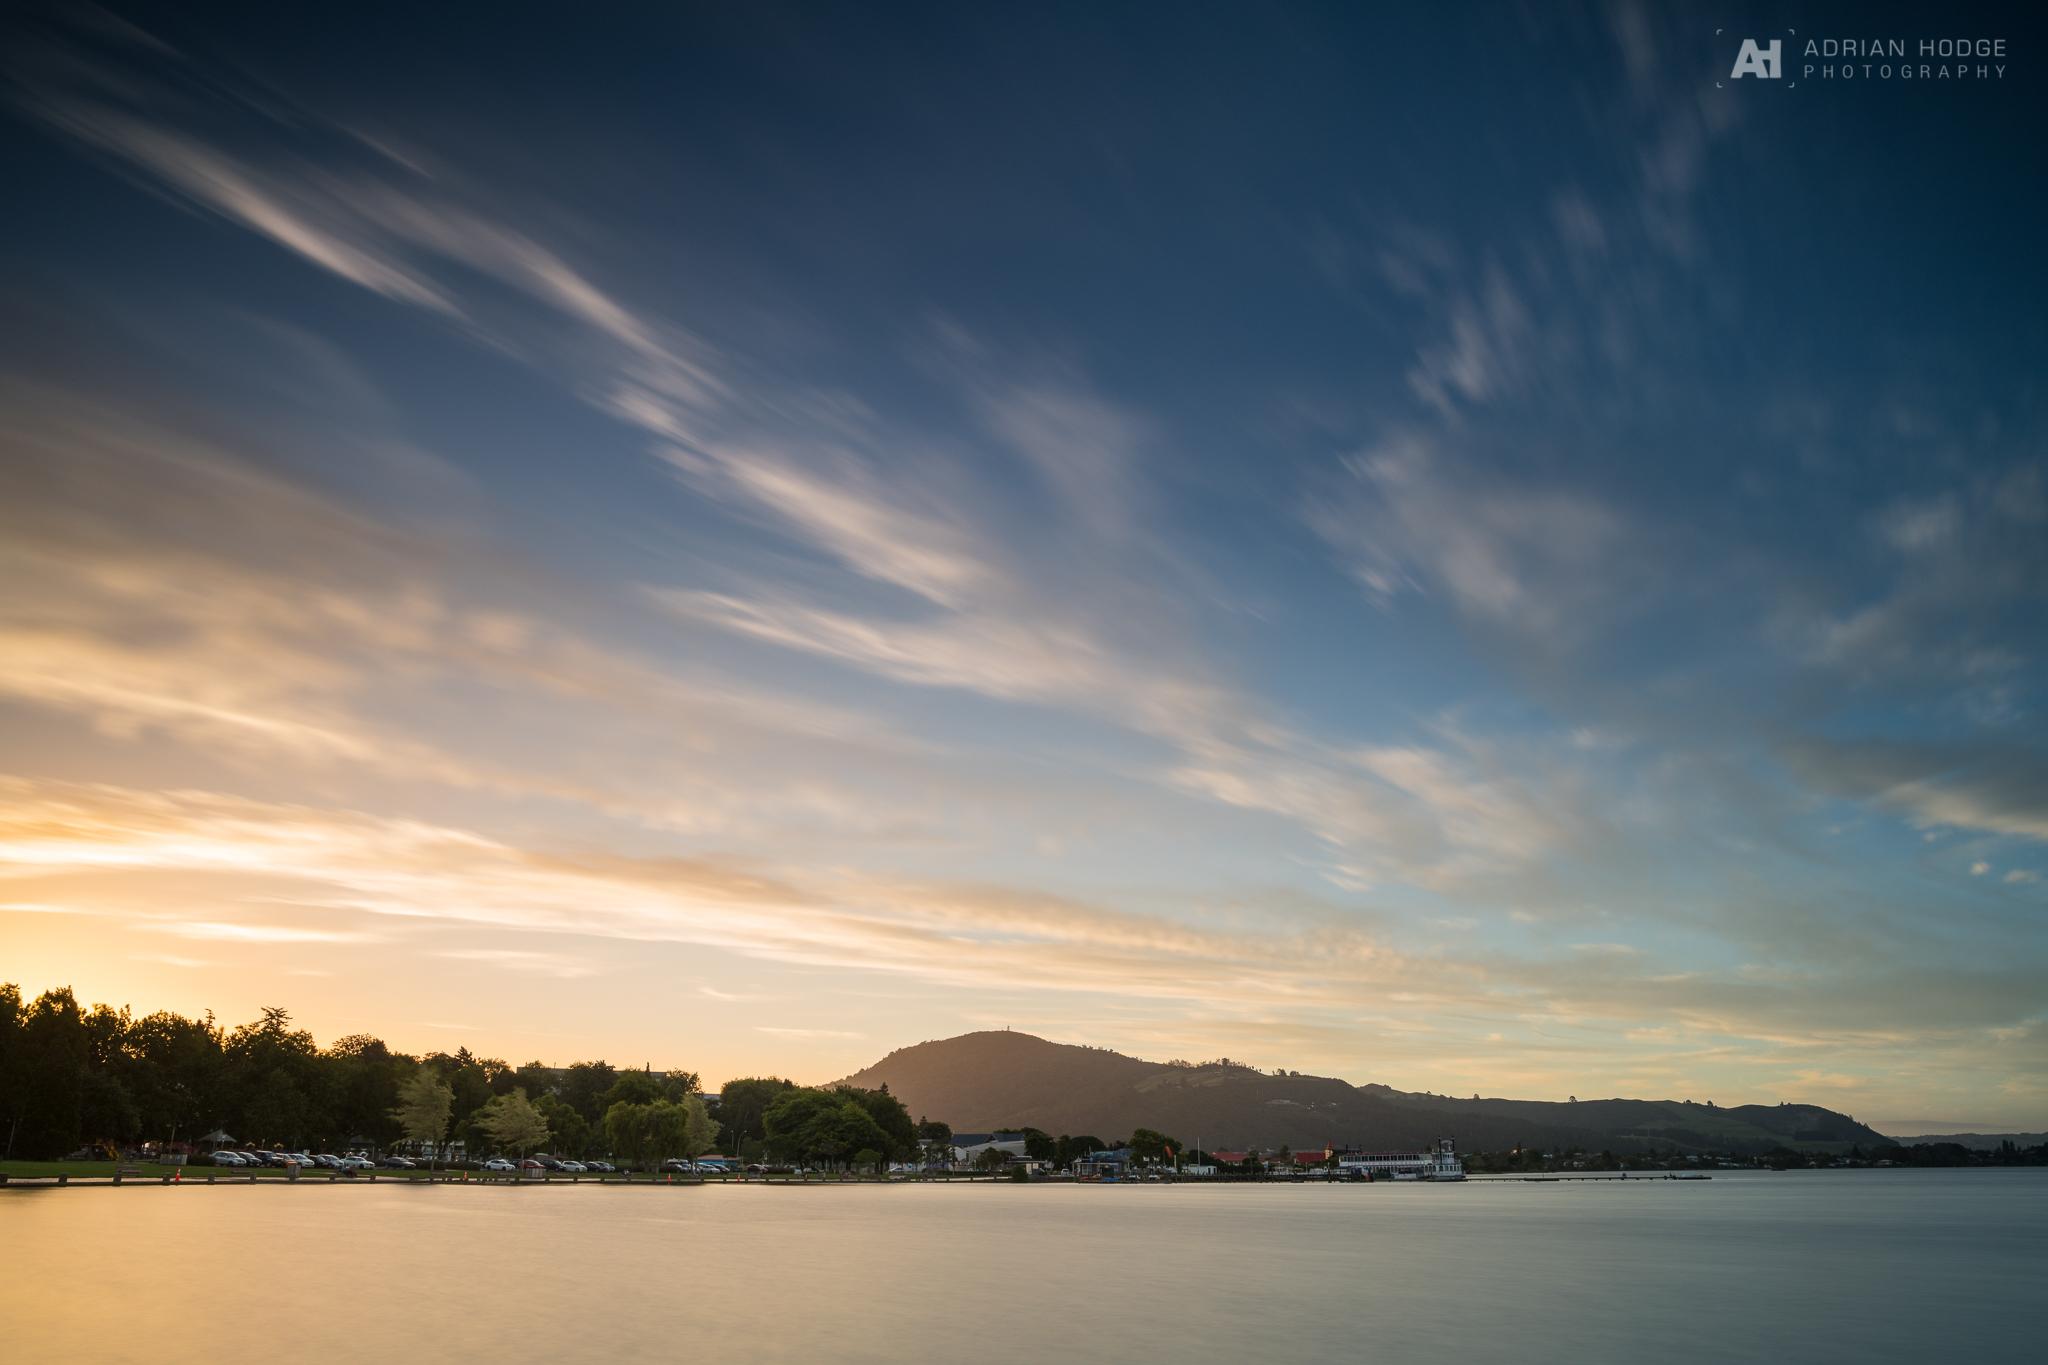 Sunset over Rotorua Lakefront - © Adrian Hodge Photography